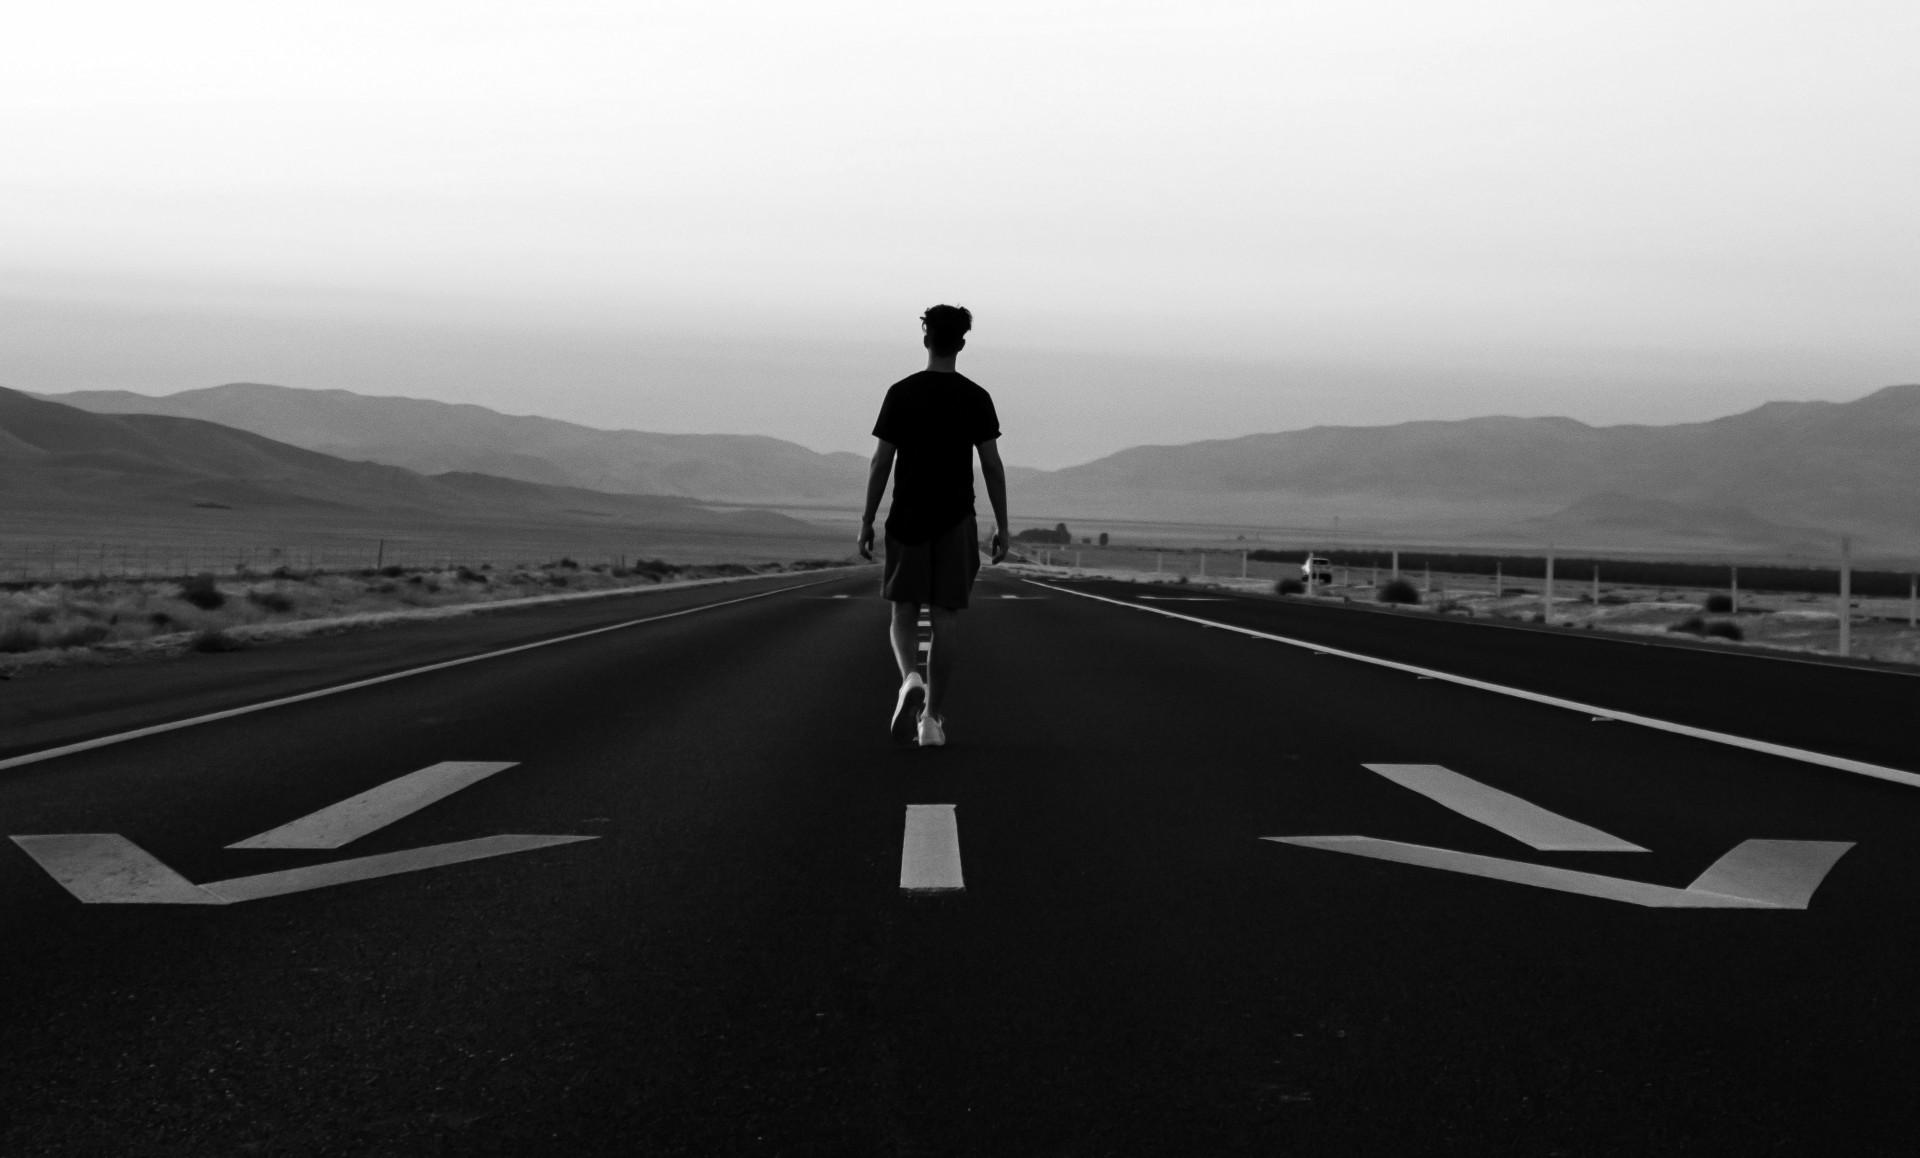 Vencer e deixar todos os demais para trás nem sempre é o melhor a fazer e pode causar muita frustração